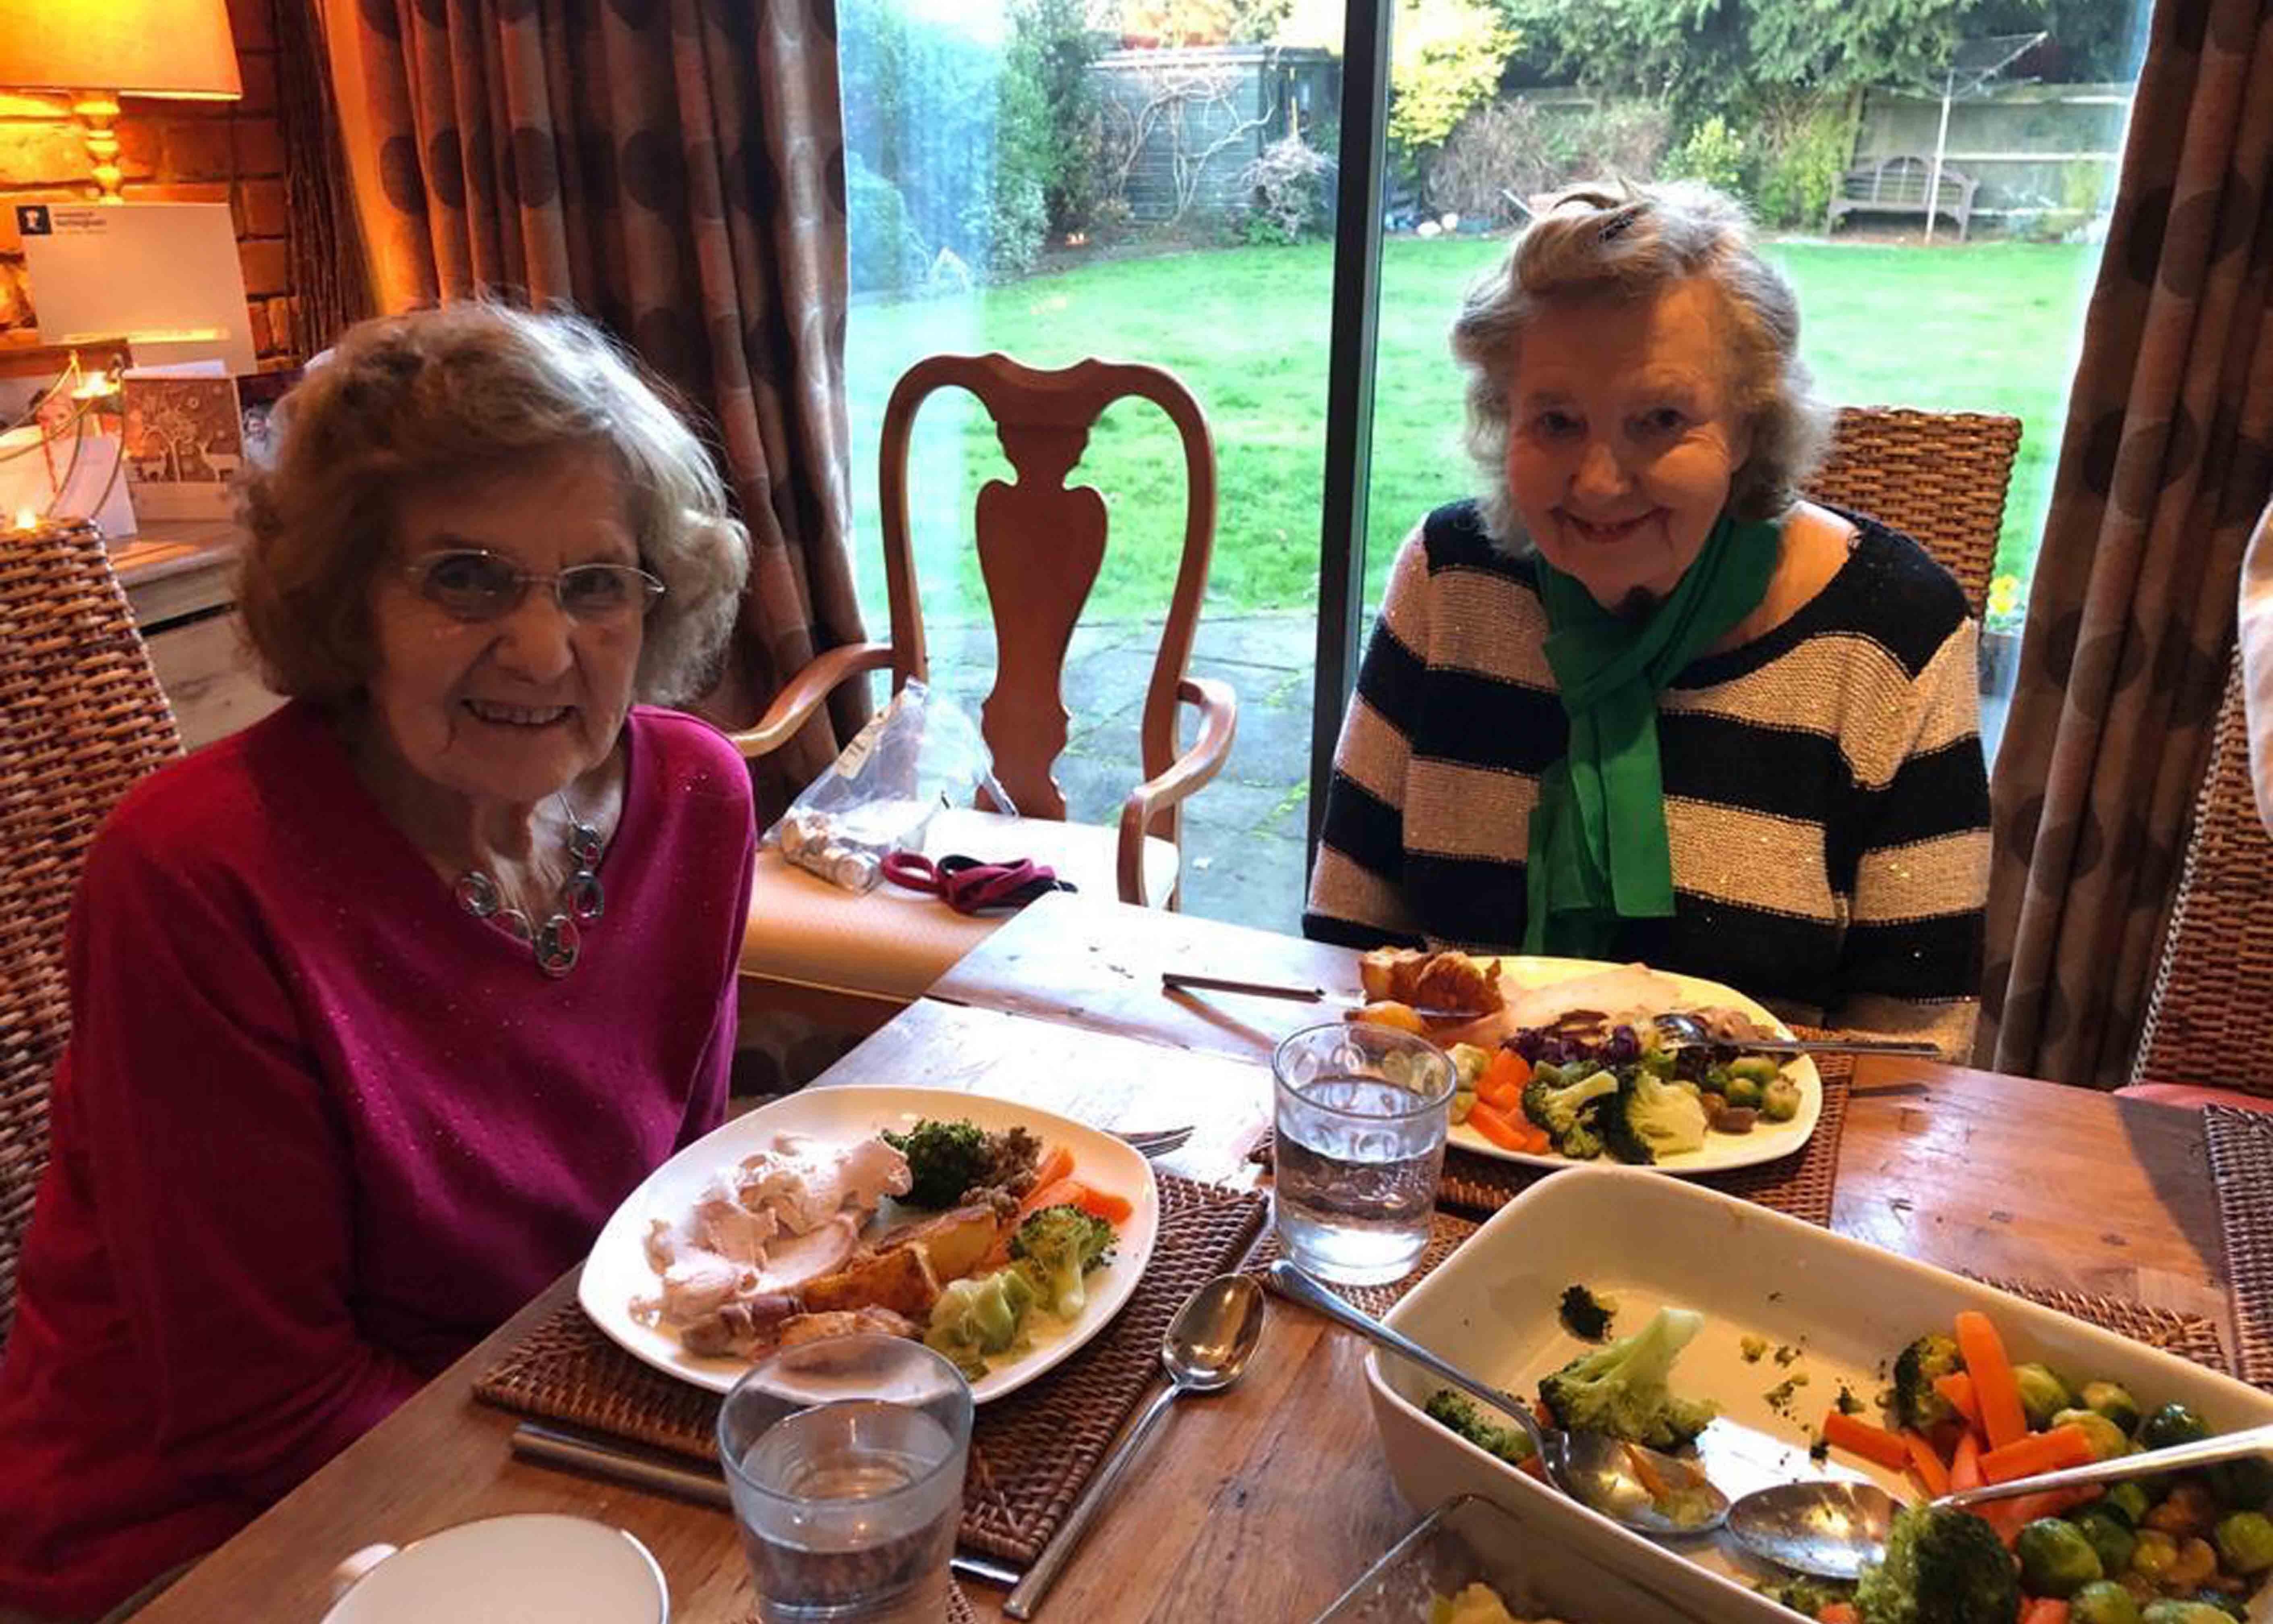 Two elderly women eating dinner